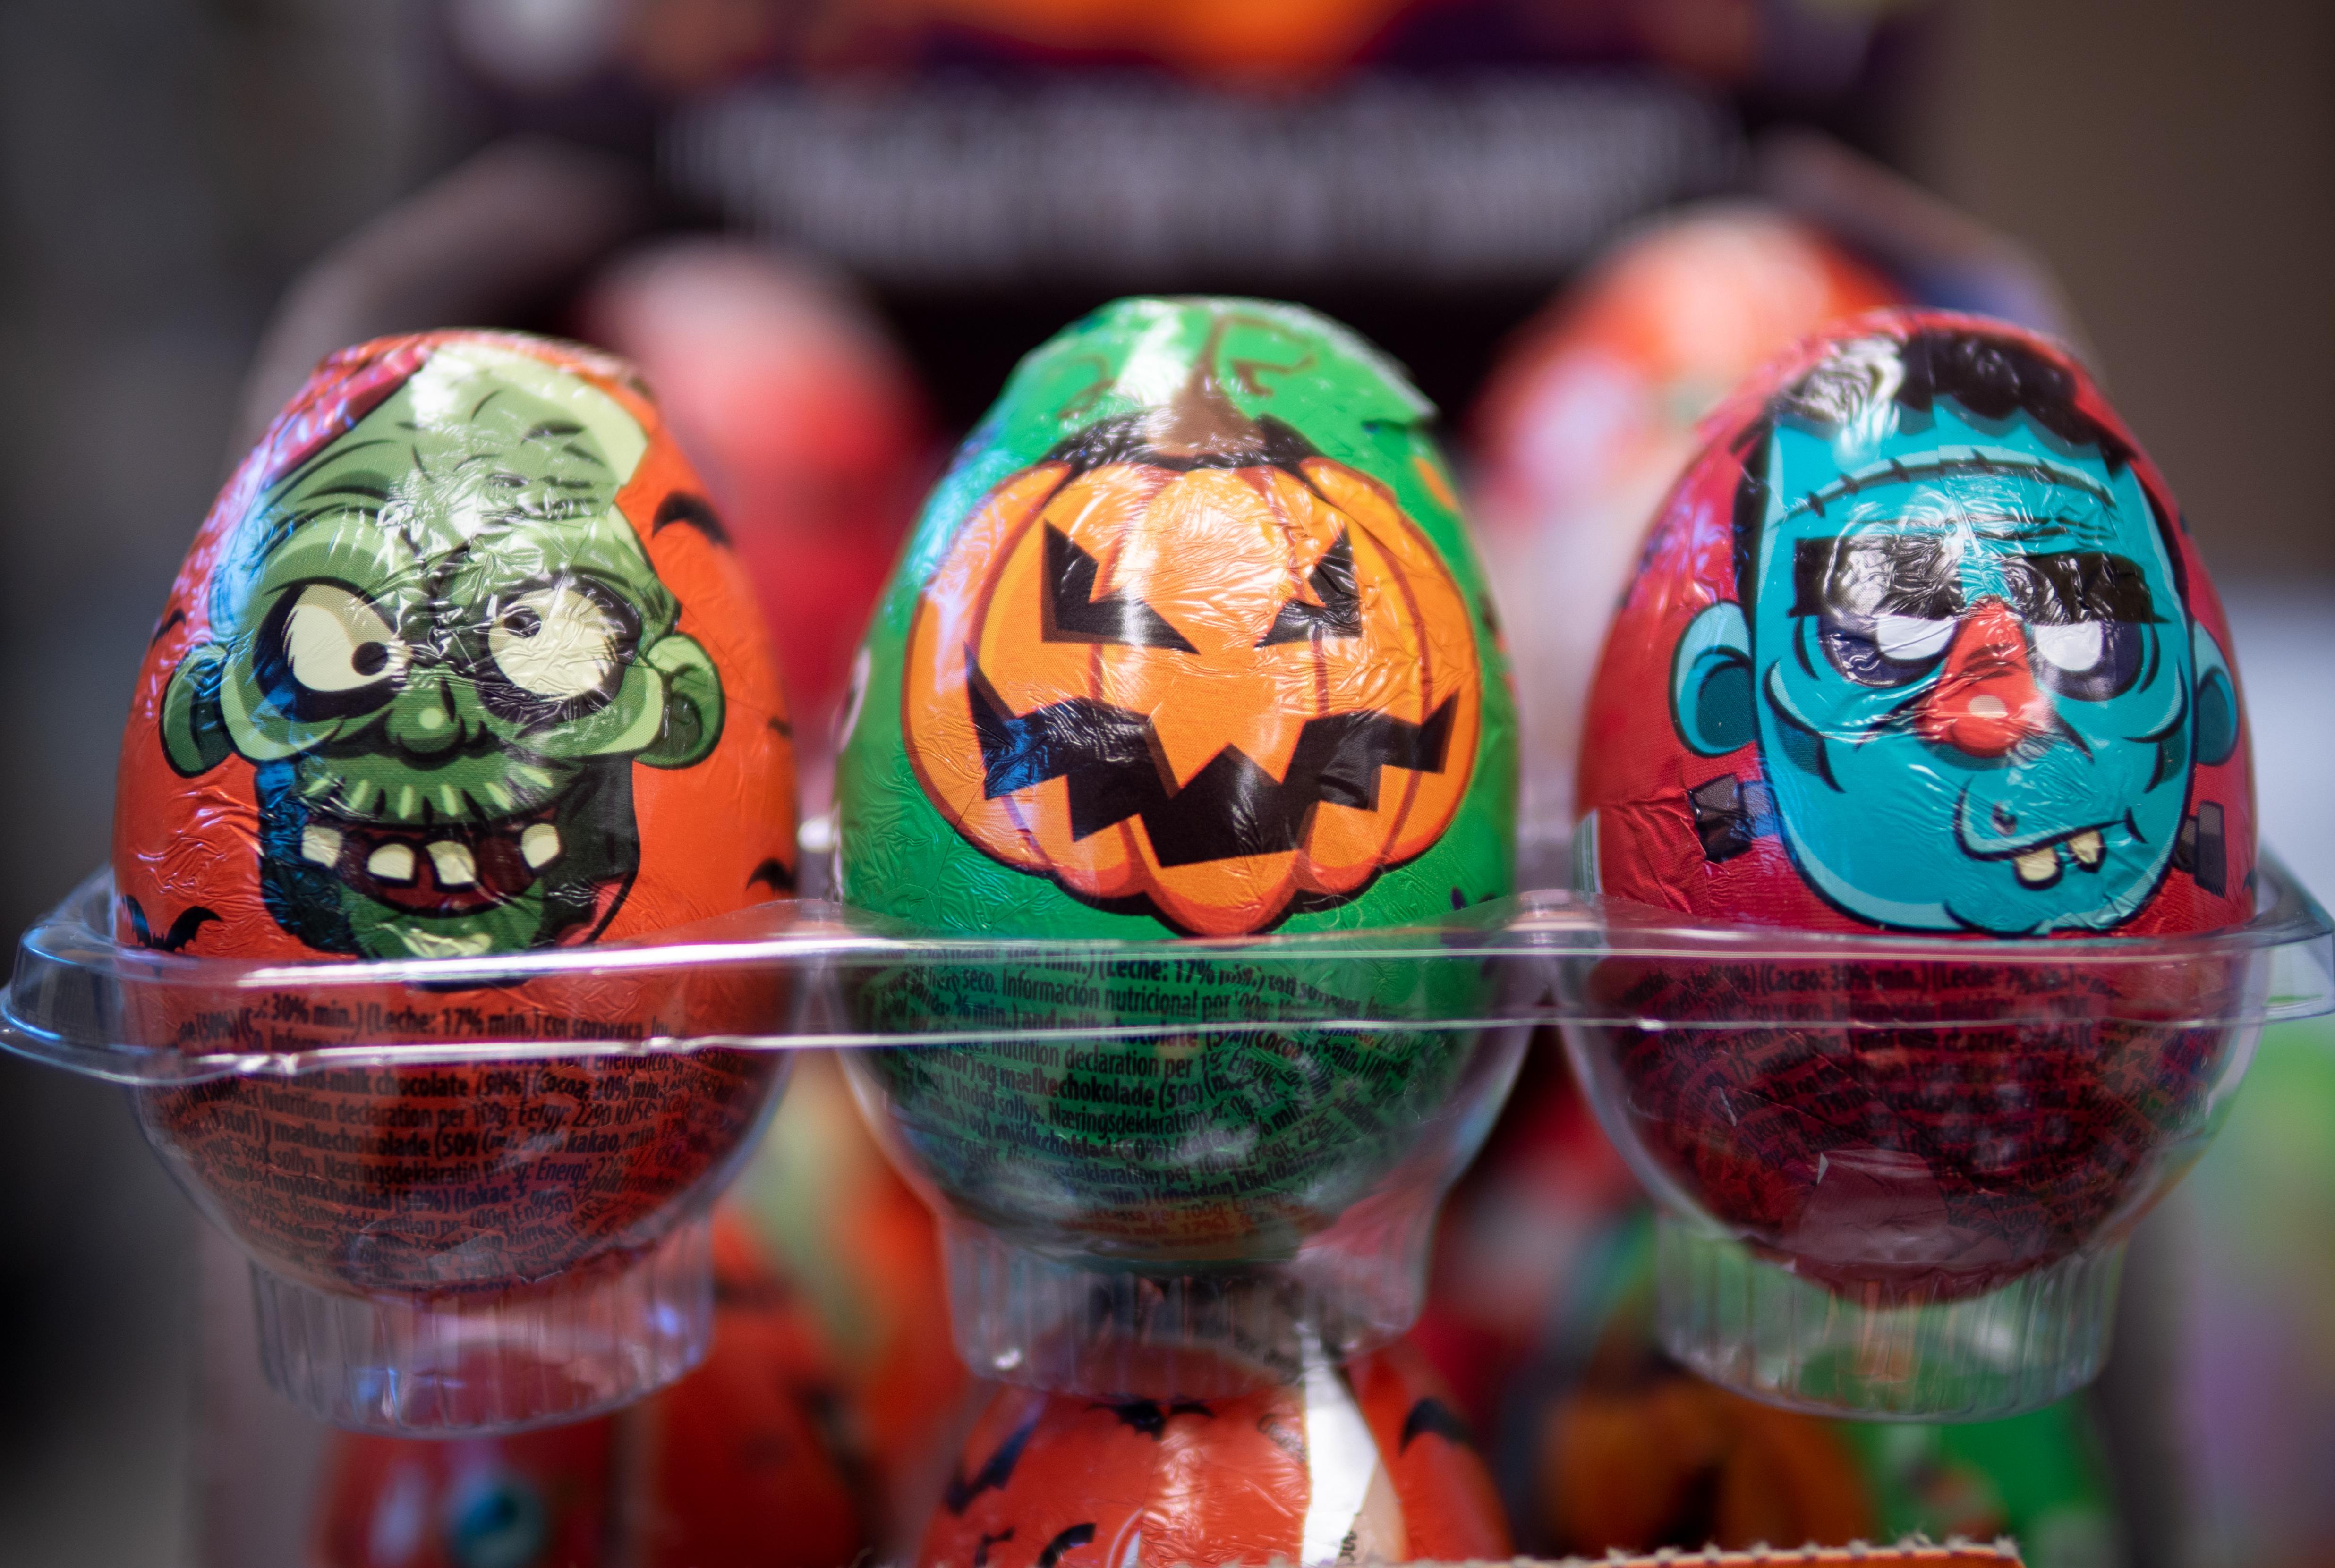 Halloweenin suklaamunia. Tuukka Lindholm.